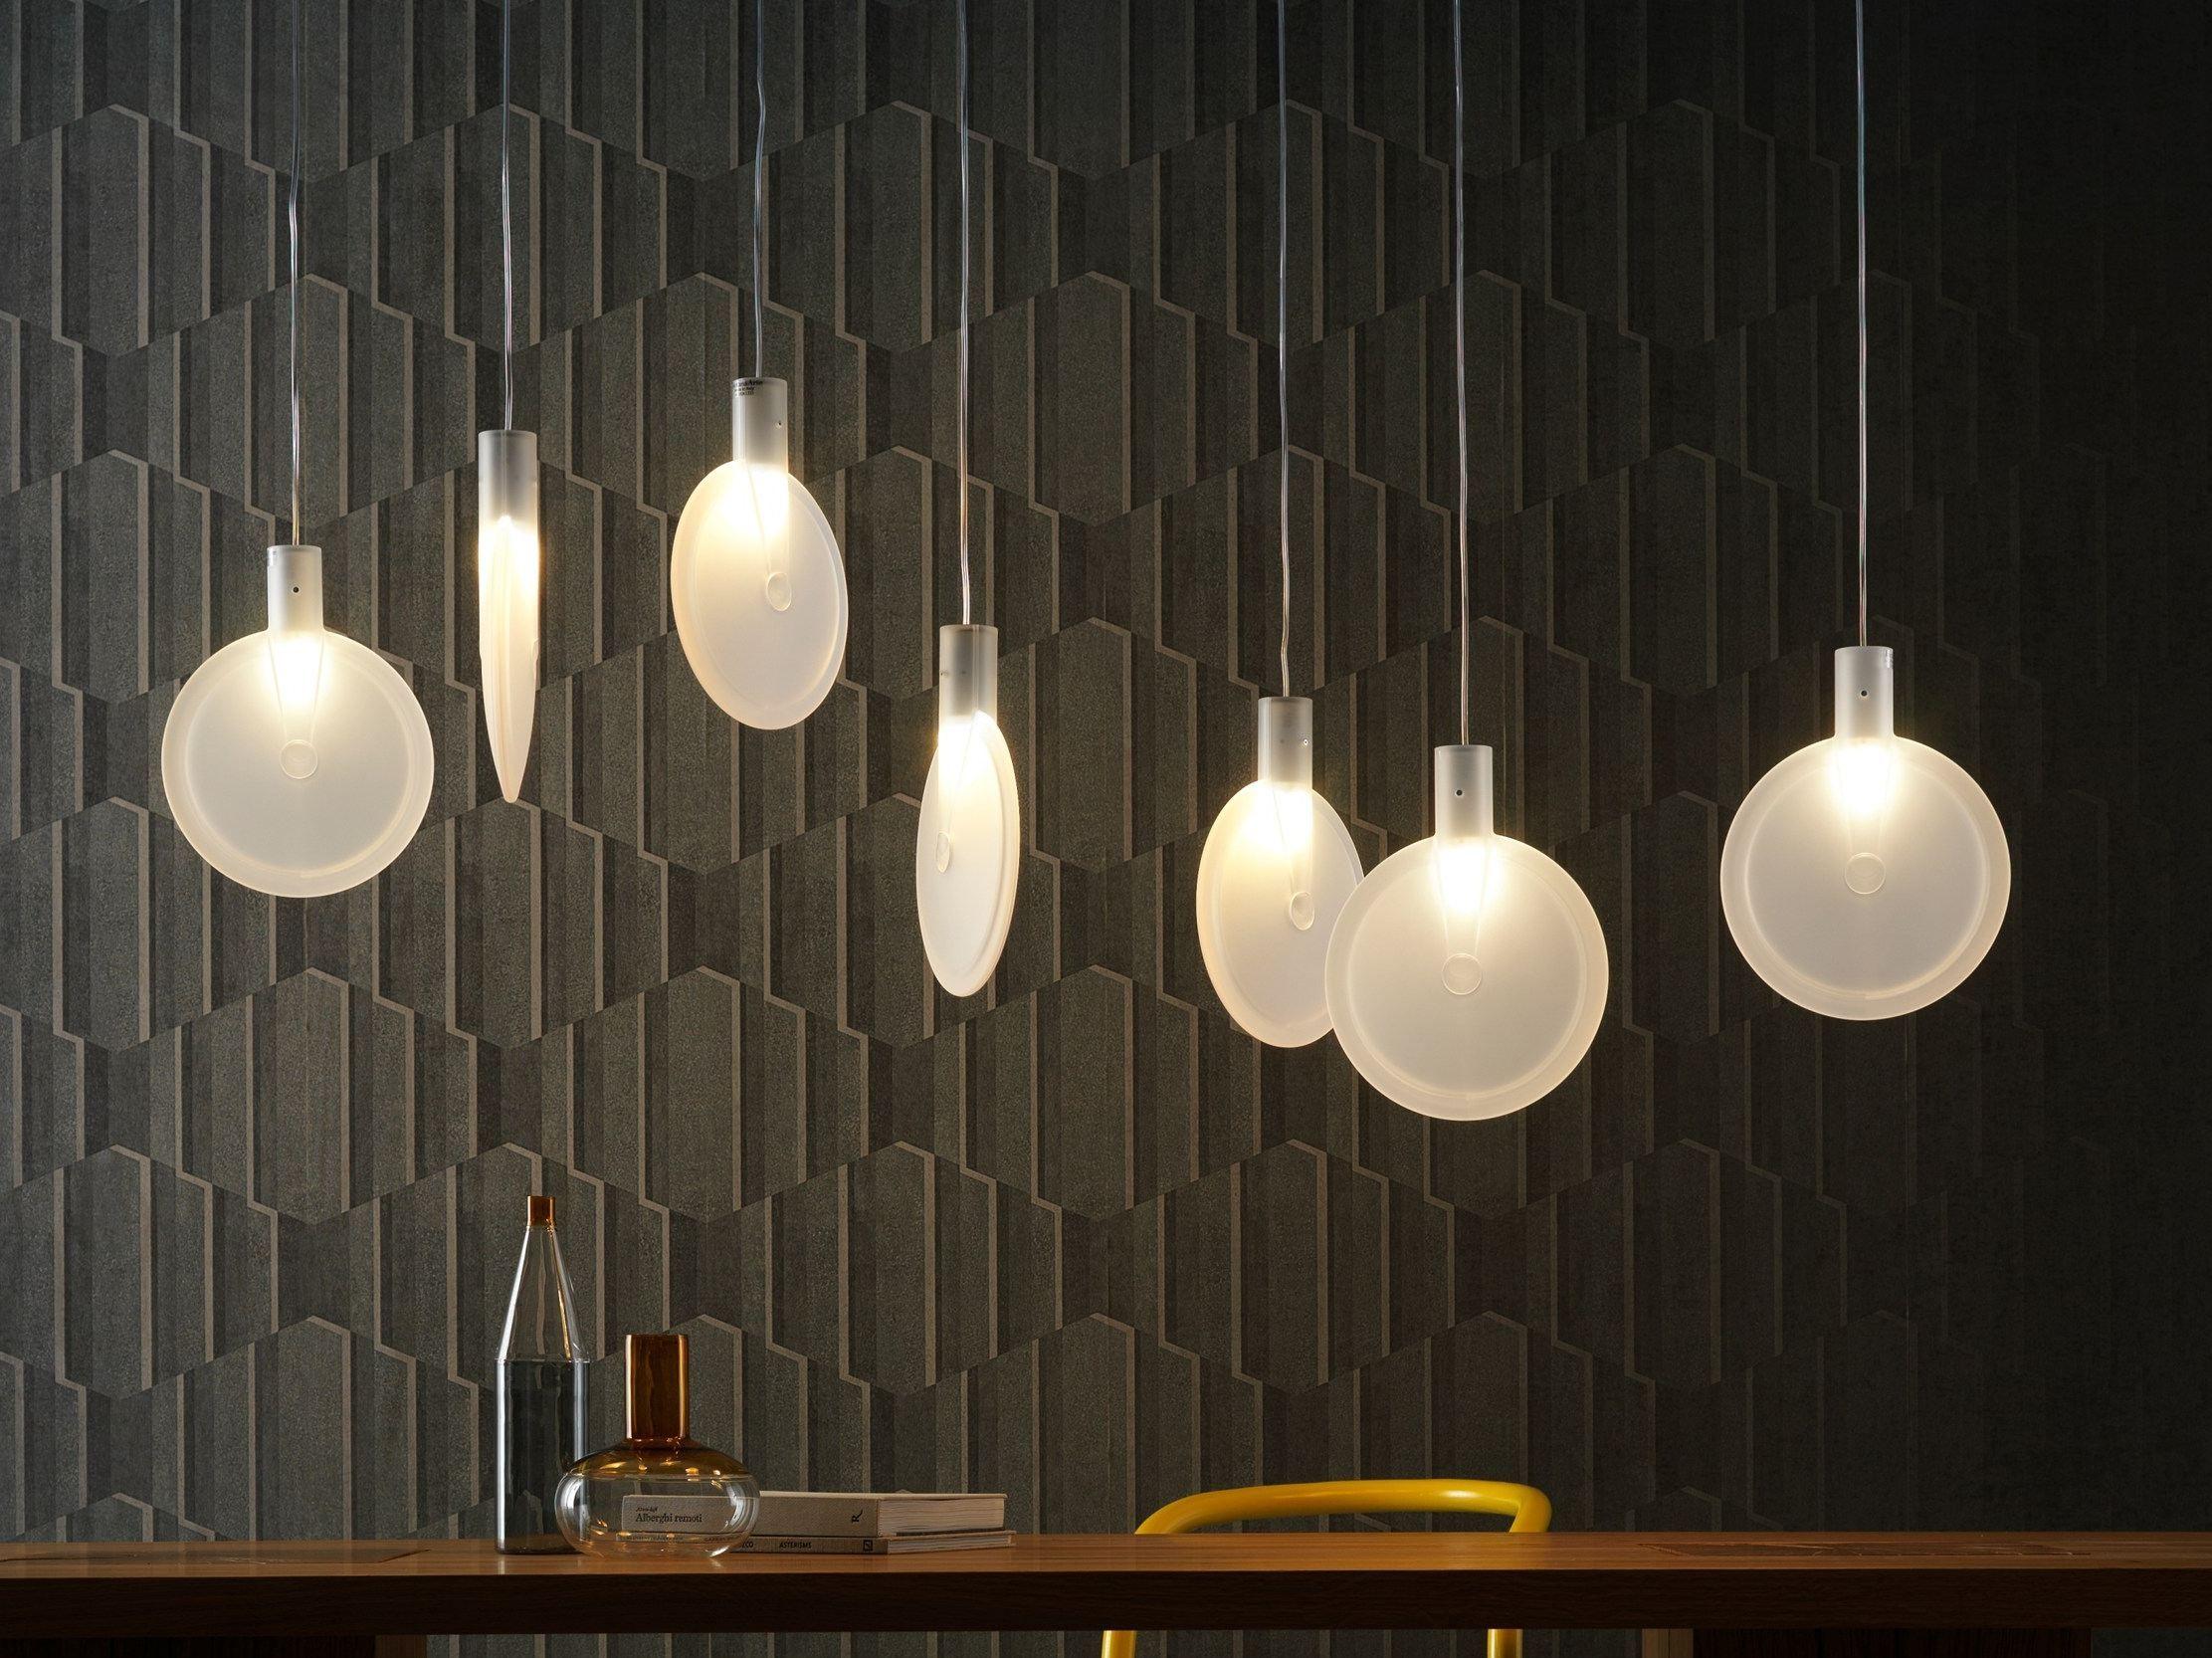 Led pendant lamp nebra by fontanaarte design sebastian herkner - Lampadari colorati design ...